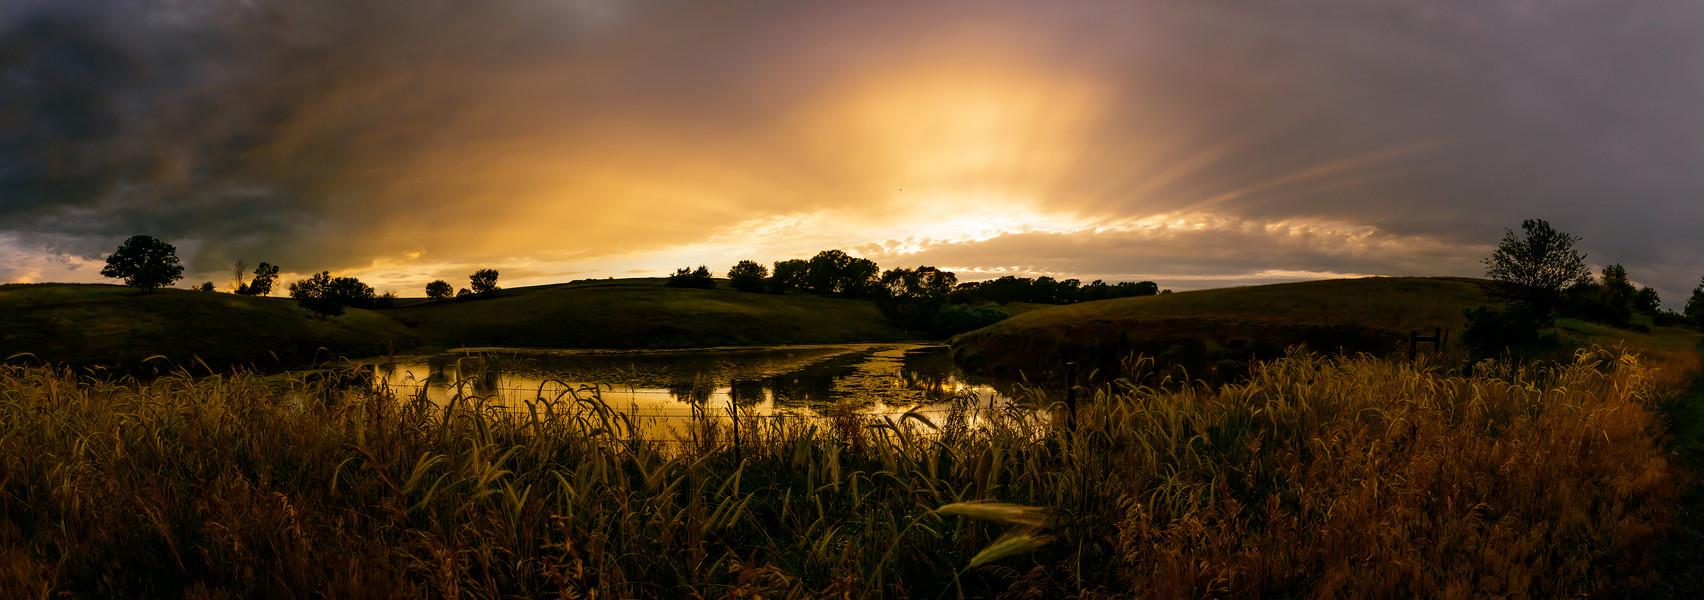 Stormy Sunset Pano 25%.jpg